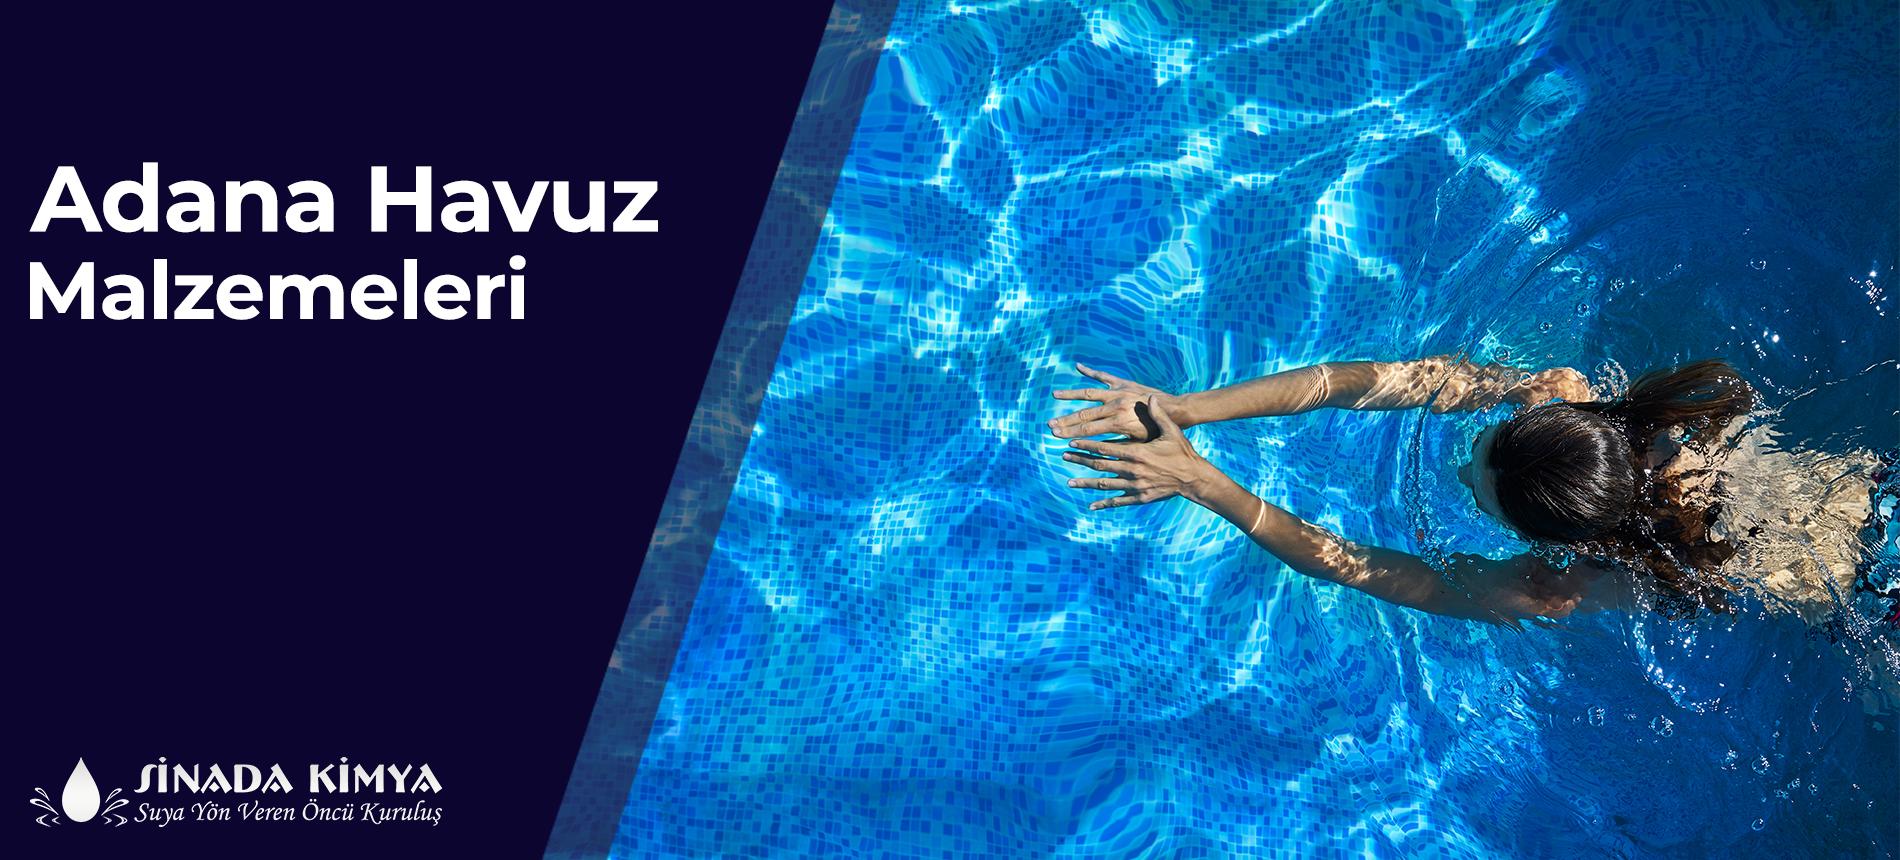 Adana Havuz Malzemeleri